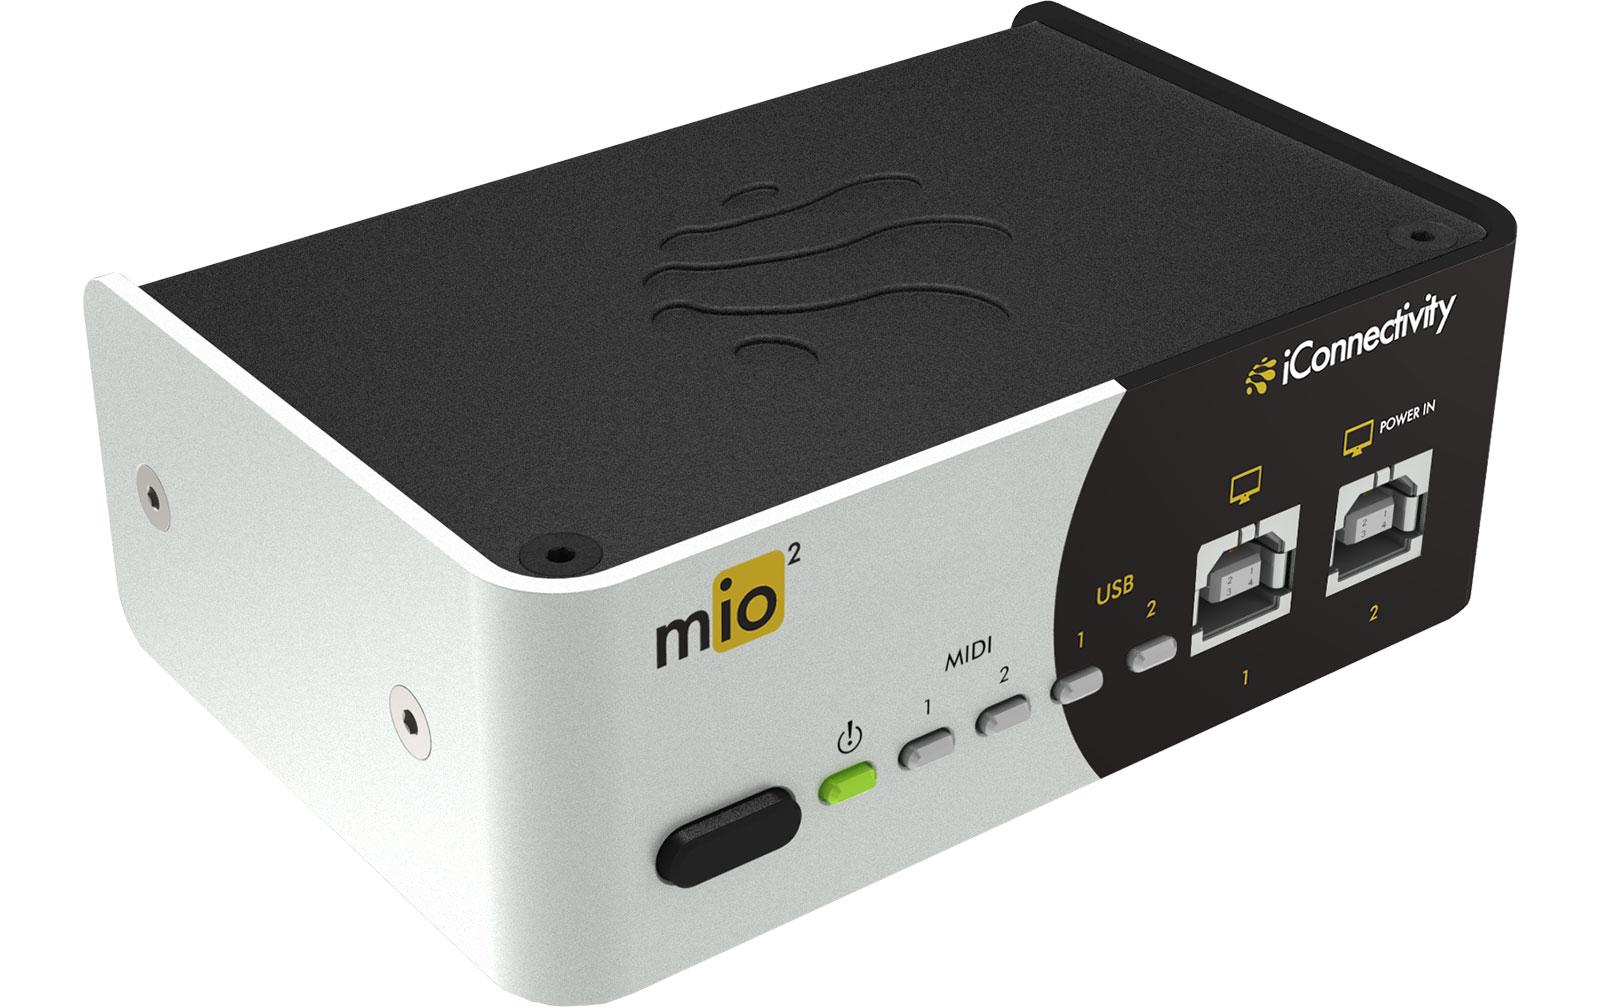 iconnectivity-mio2